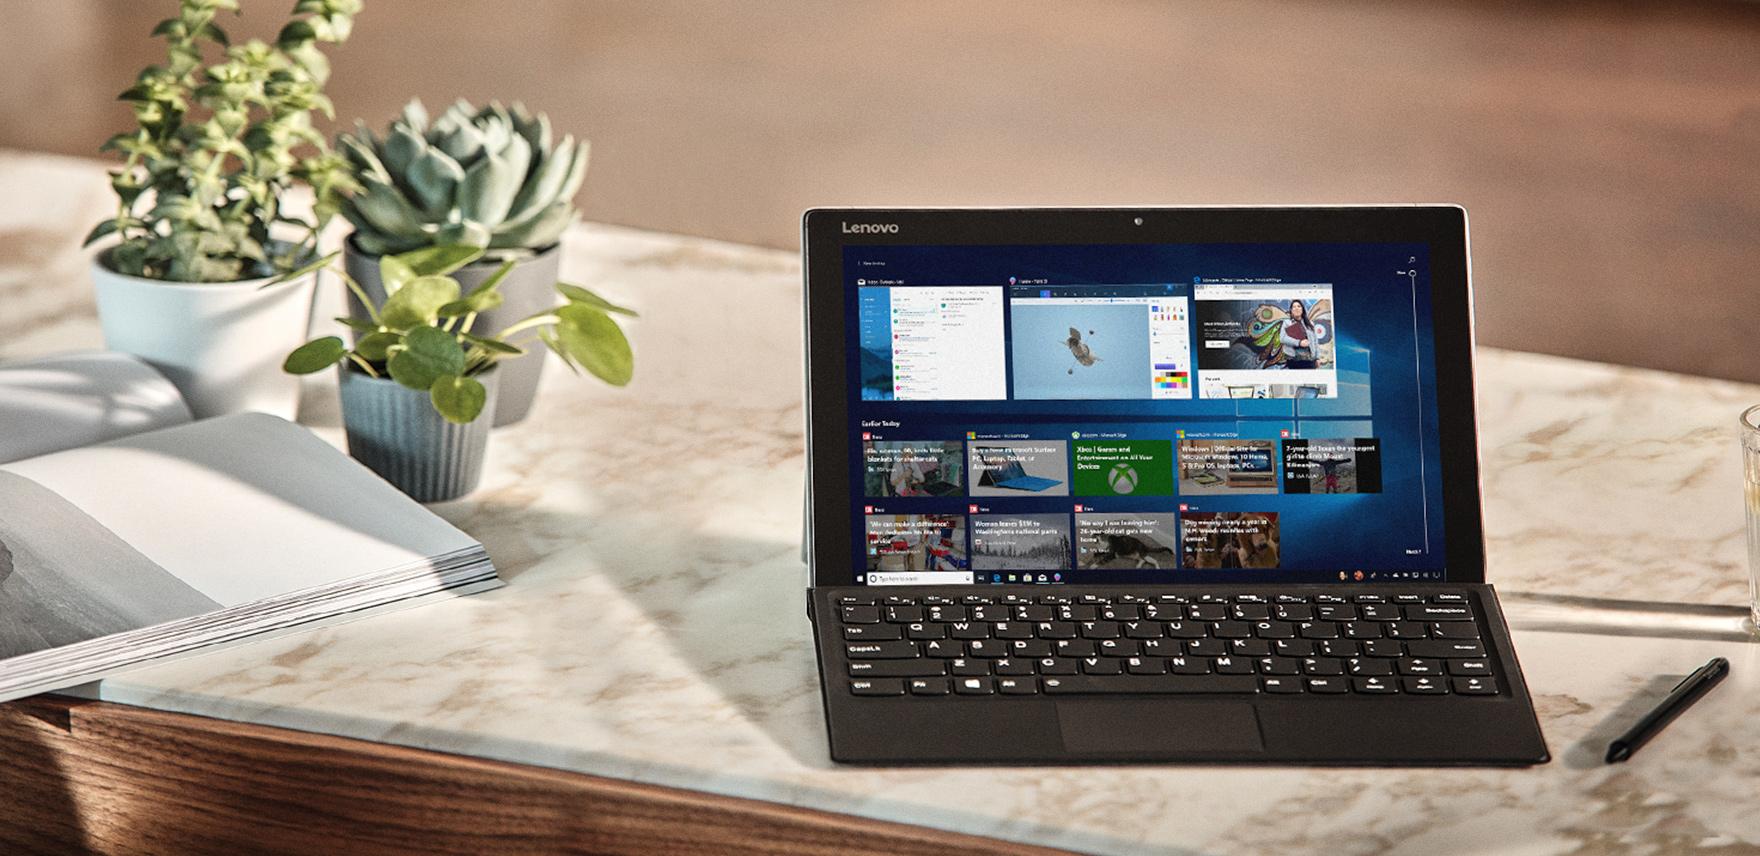 Nå støtter Chrome den smarte Windows 10-funksjonen.